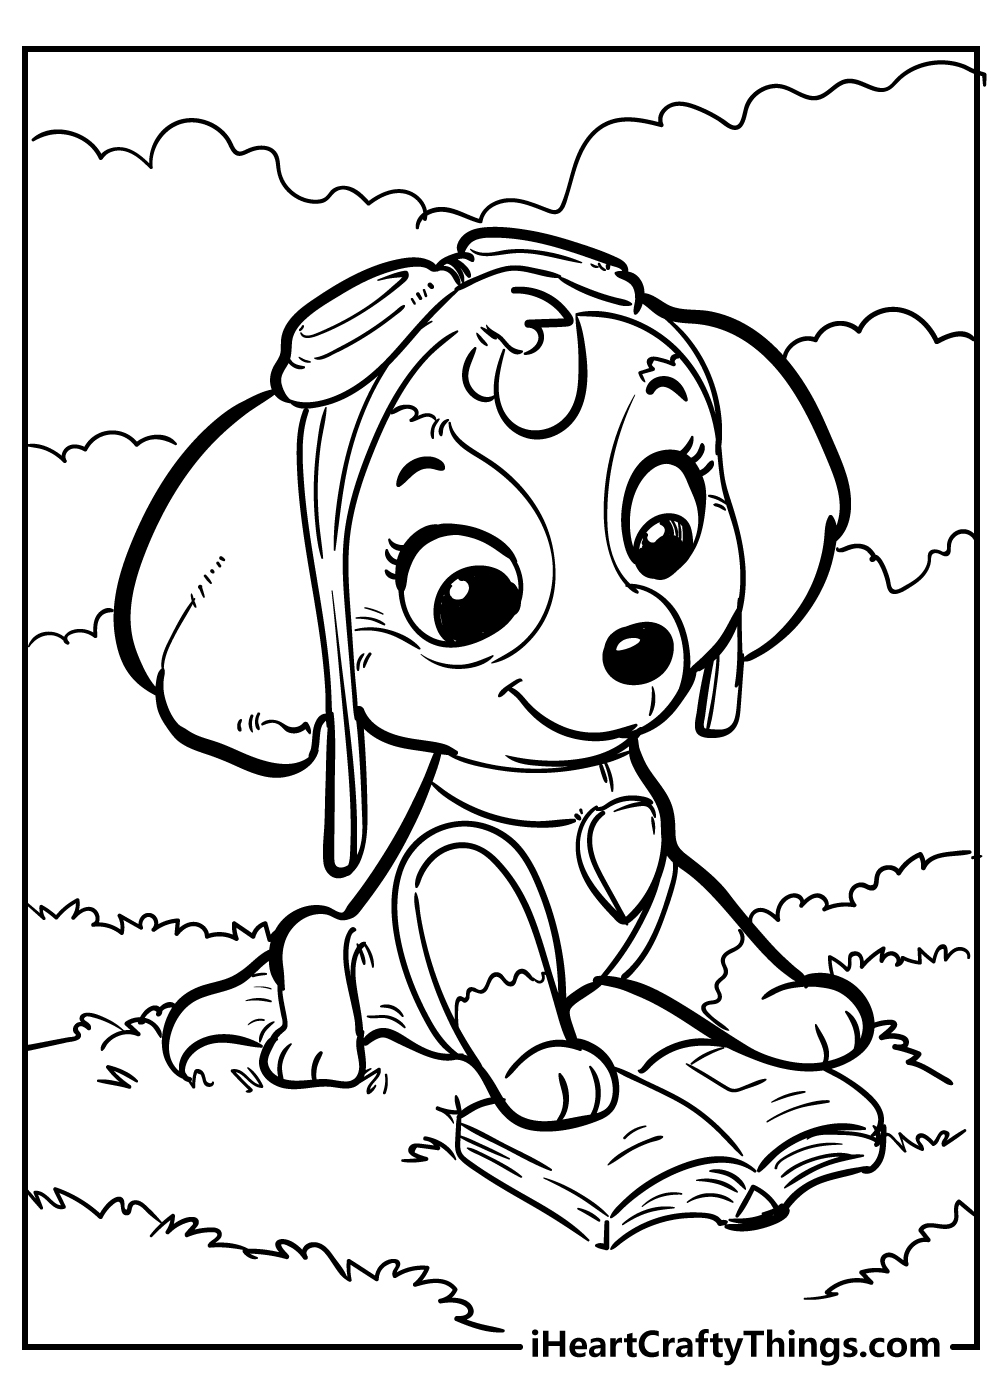 printable skye paw patrol coloring pages